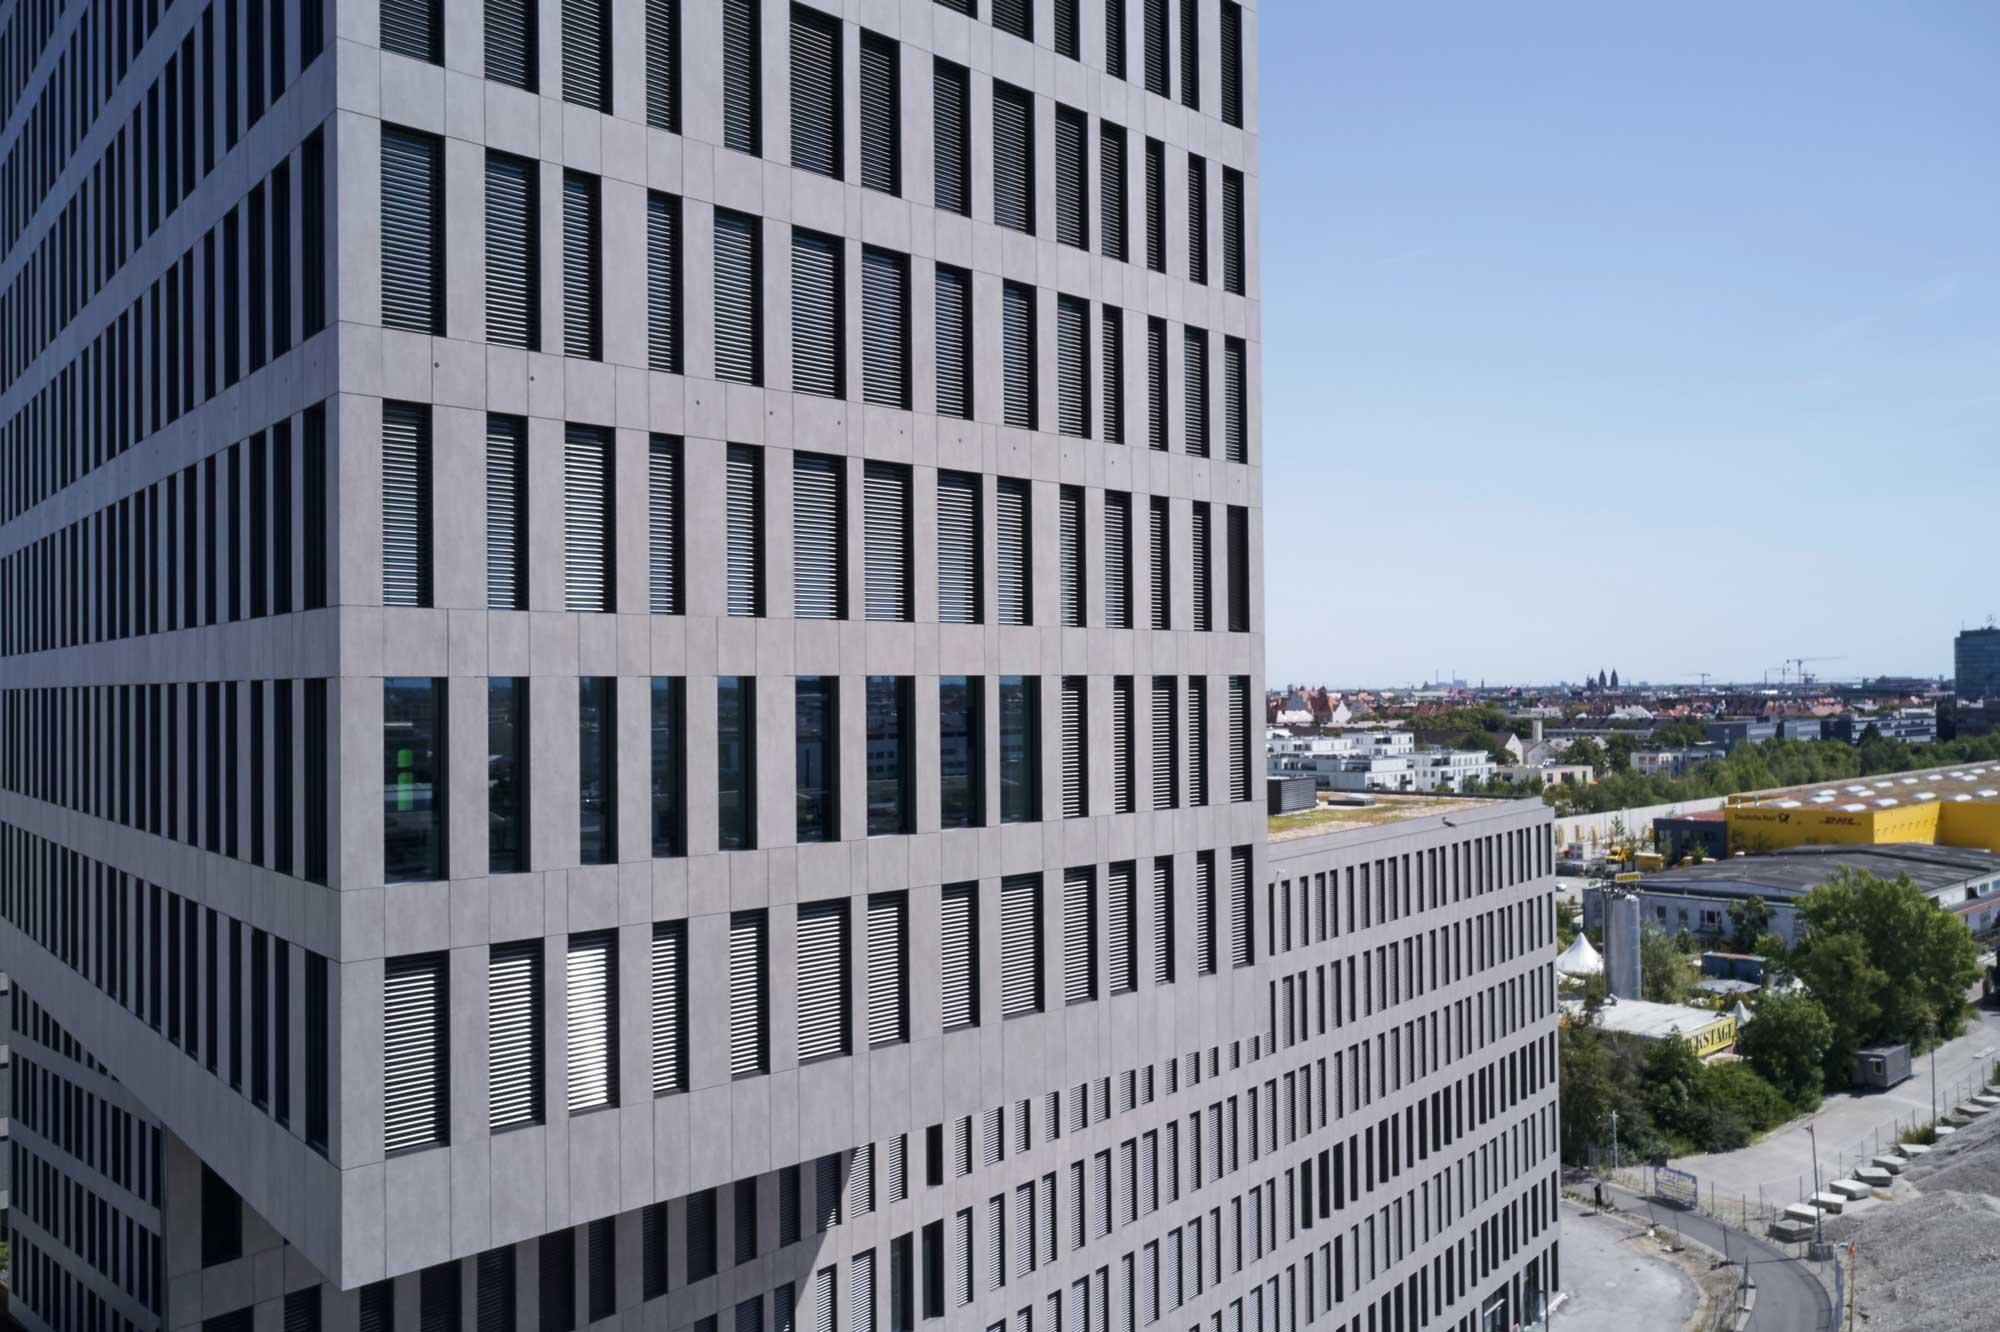 Interview mit Architekt Walter Schelle – DKTN- Ästhetisch und funktional  - 20200710 Kap West  Munchen 0972 44